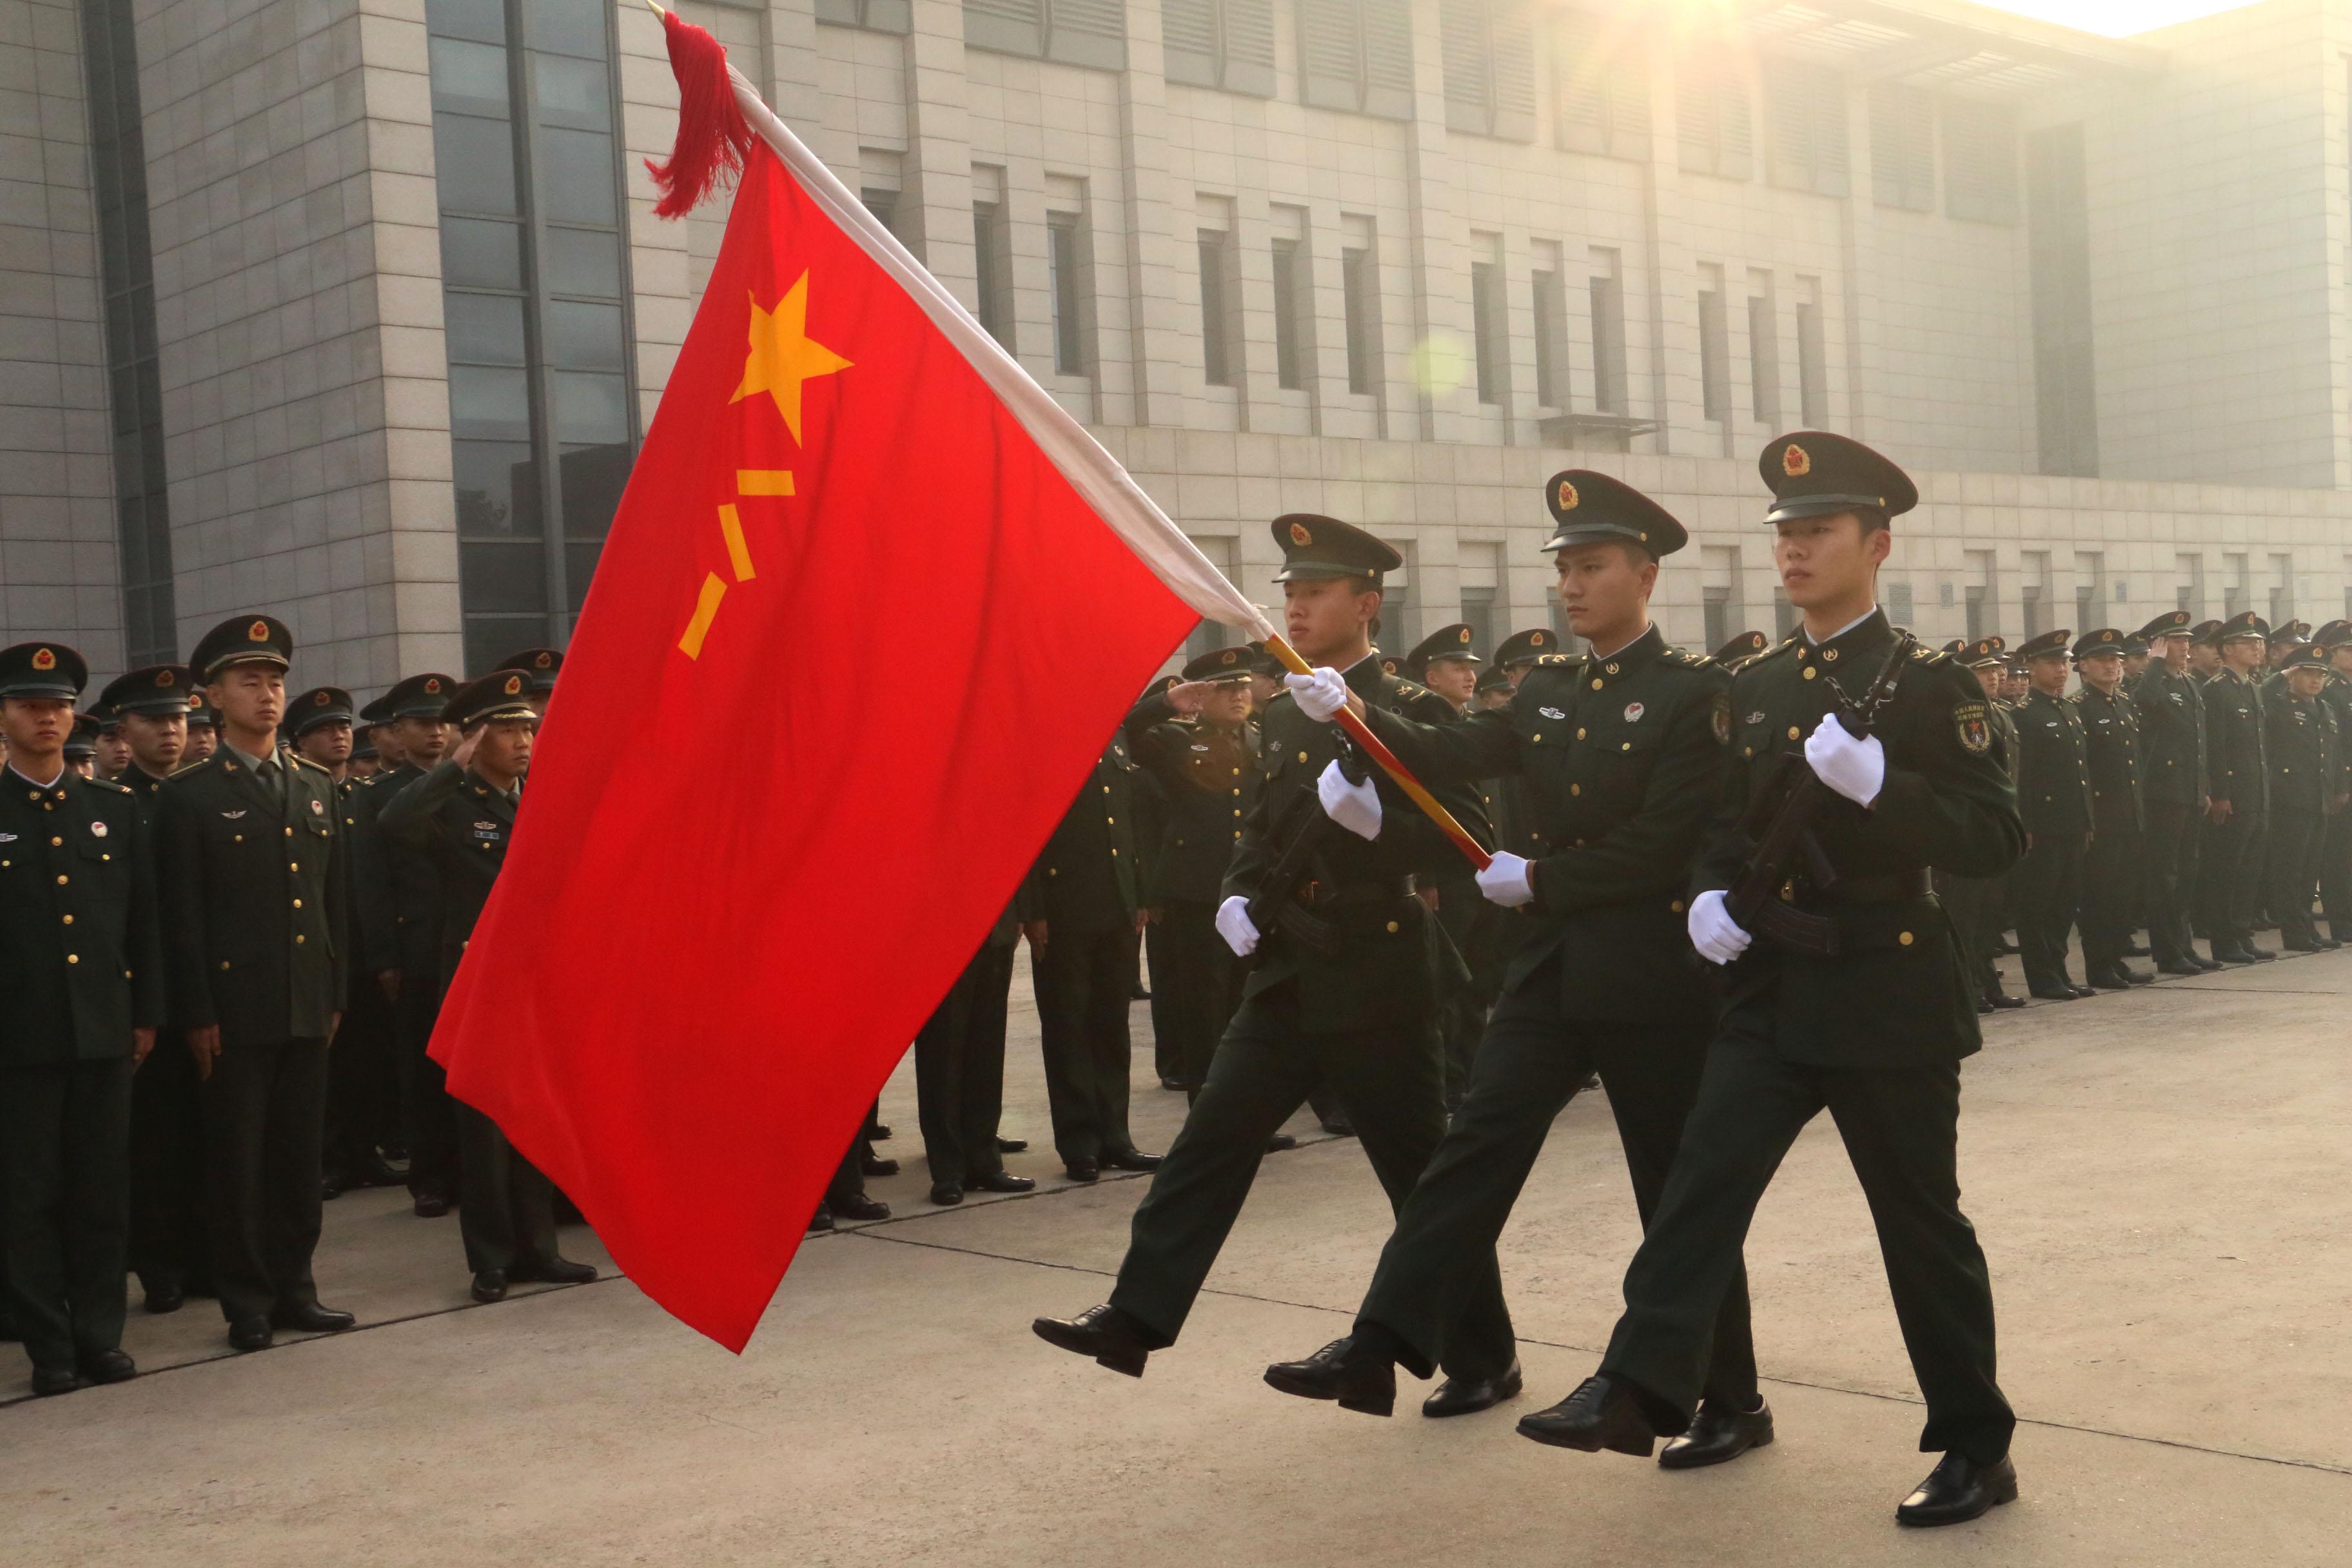 再见,我的军营!火红军旗下最后一个军礼.JPG